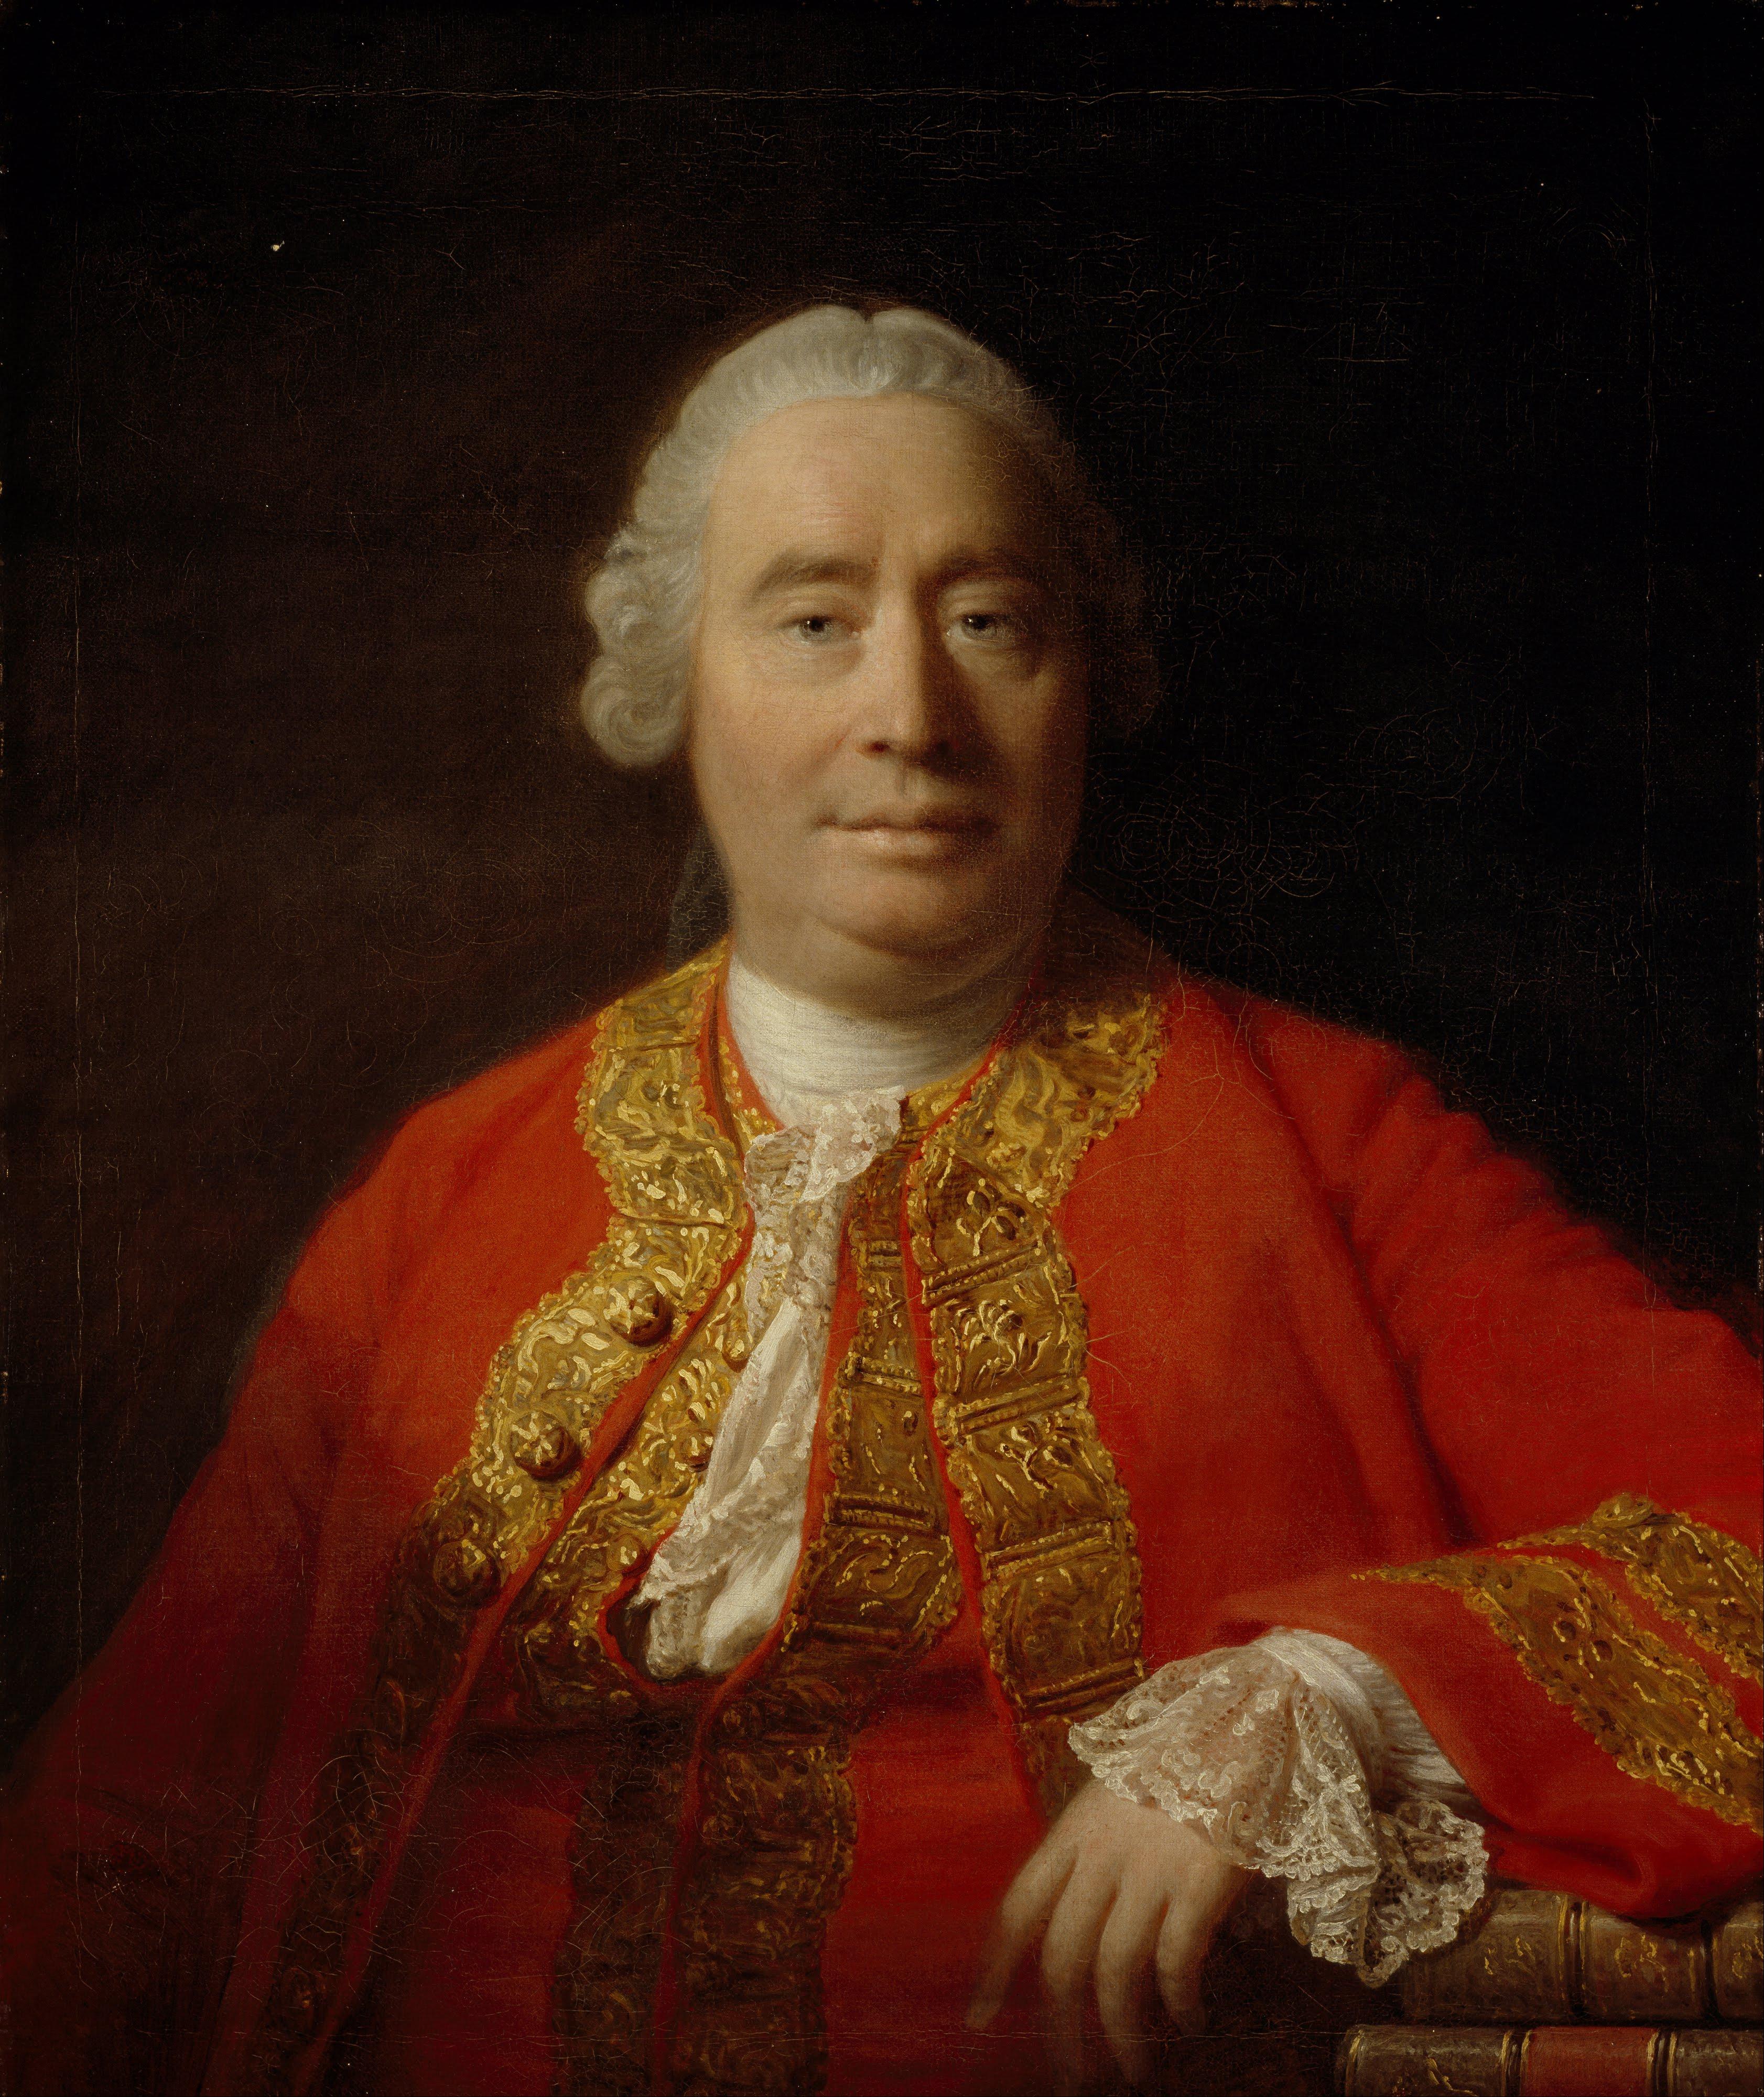 David Hume. Image Source